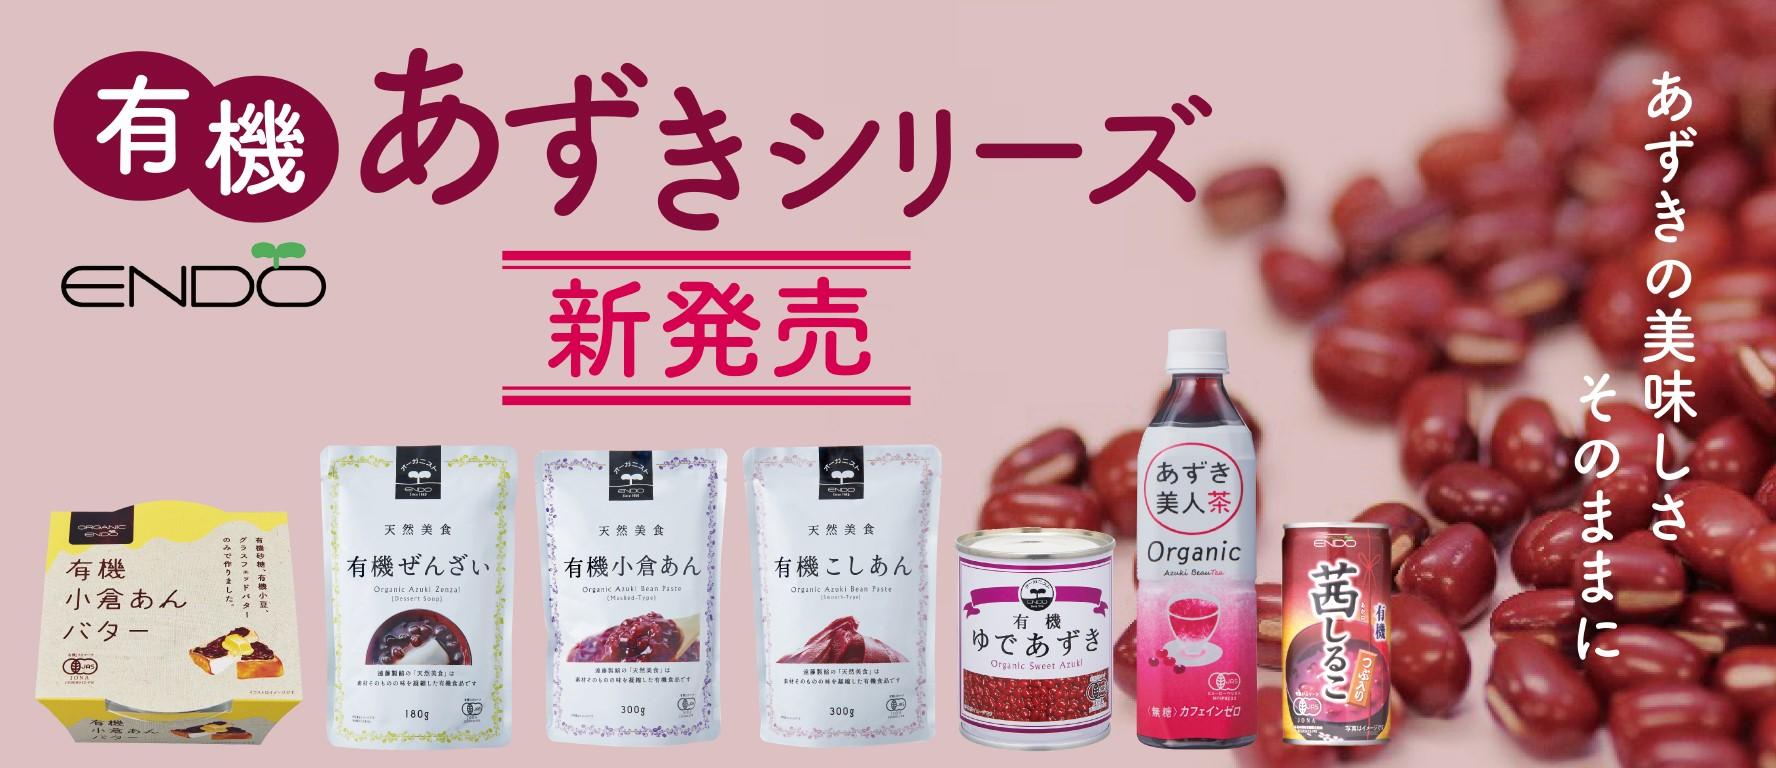 ブリッジから新商品登場!